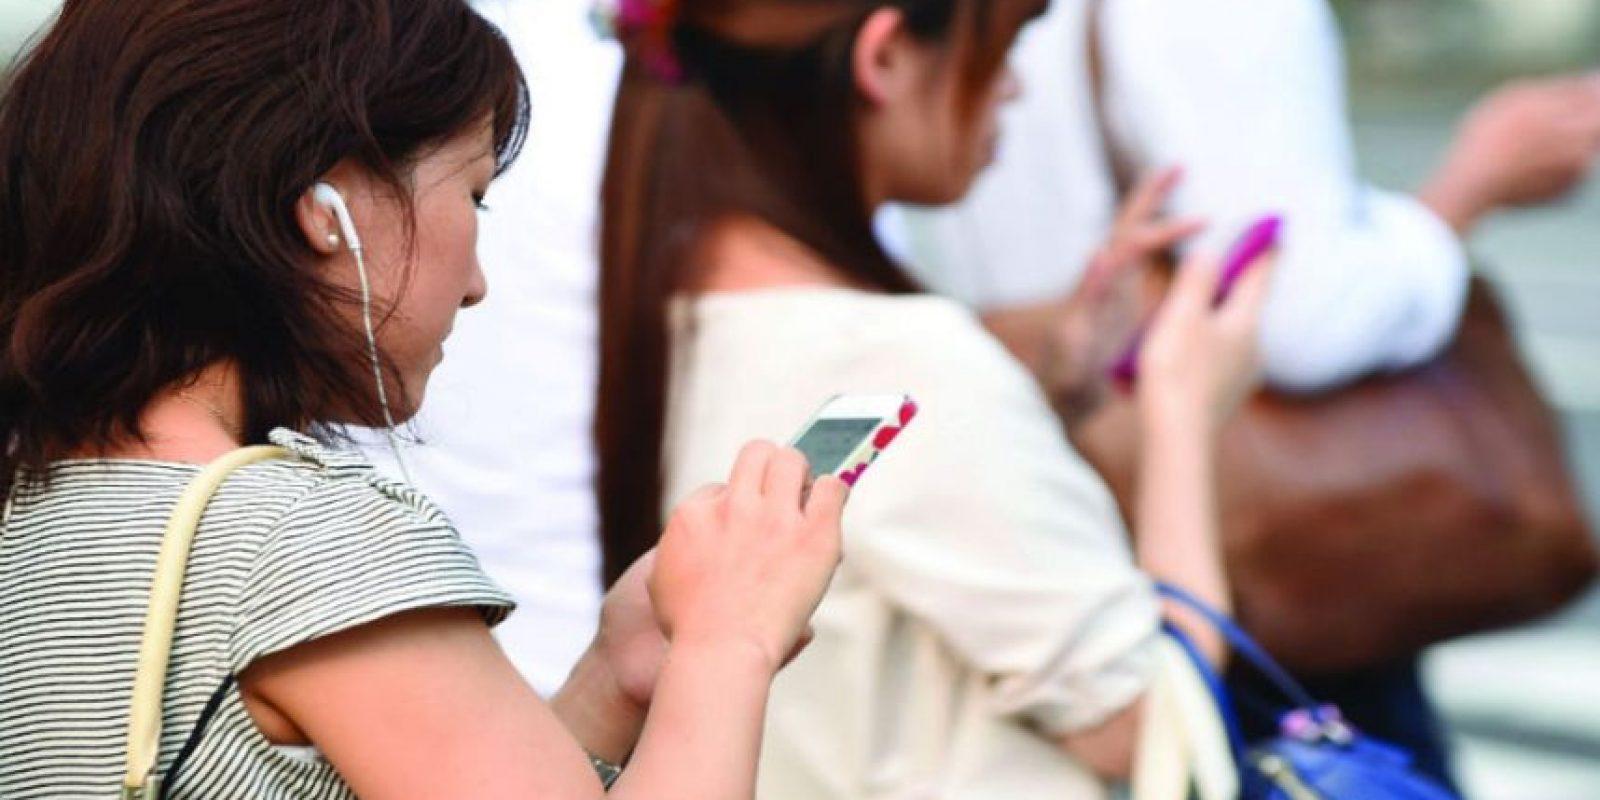 No copien en CC a compañeros de trabajo en los correos electrónicos a menos que estén directamente involucrados Foto:Atsushi Tomura/Getty Images